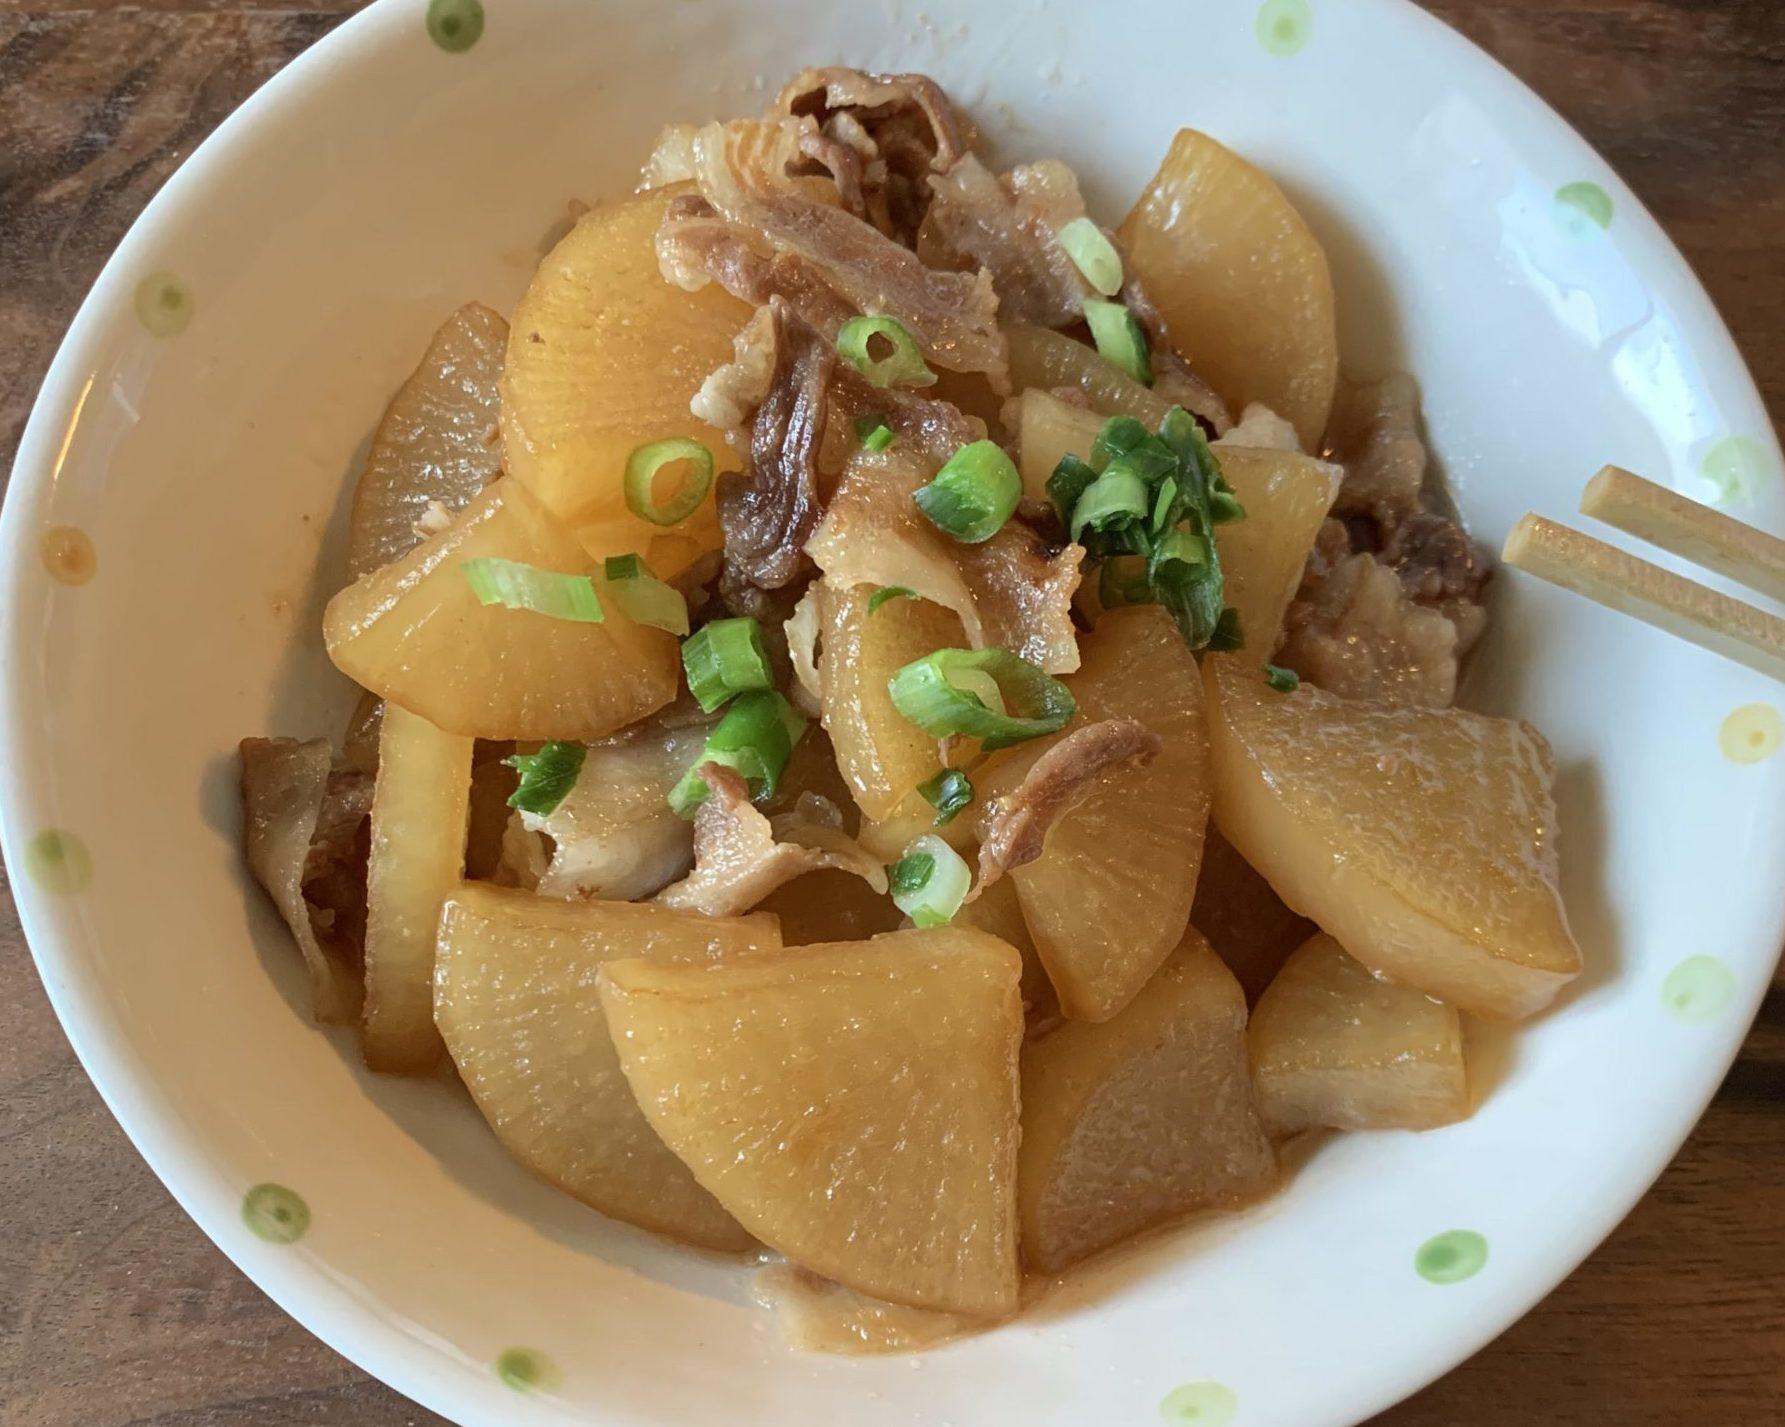 【料理】豚バラ肉と大根の煮物作ったンゴ!!!!!!